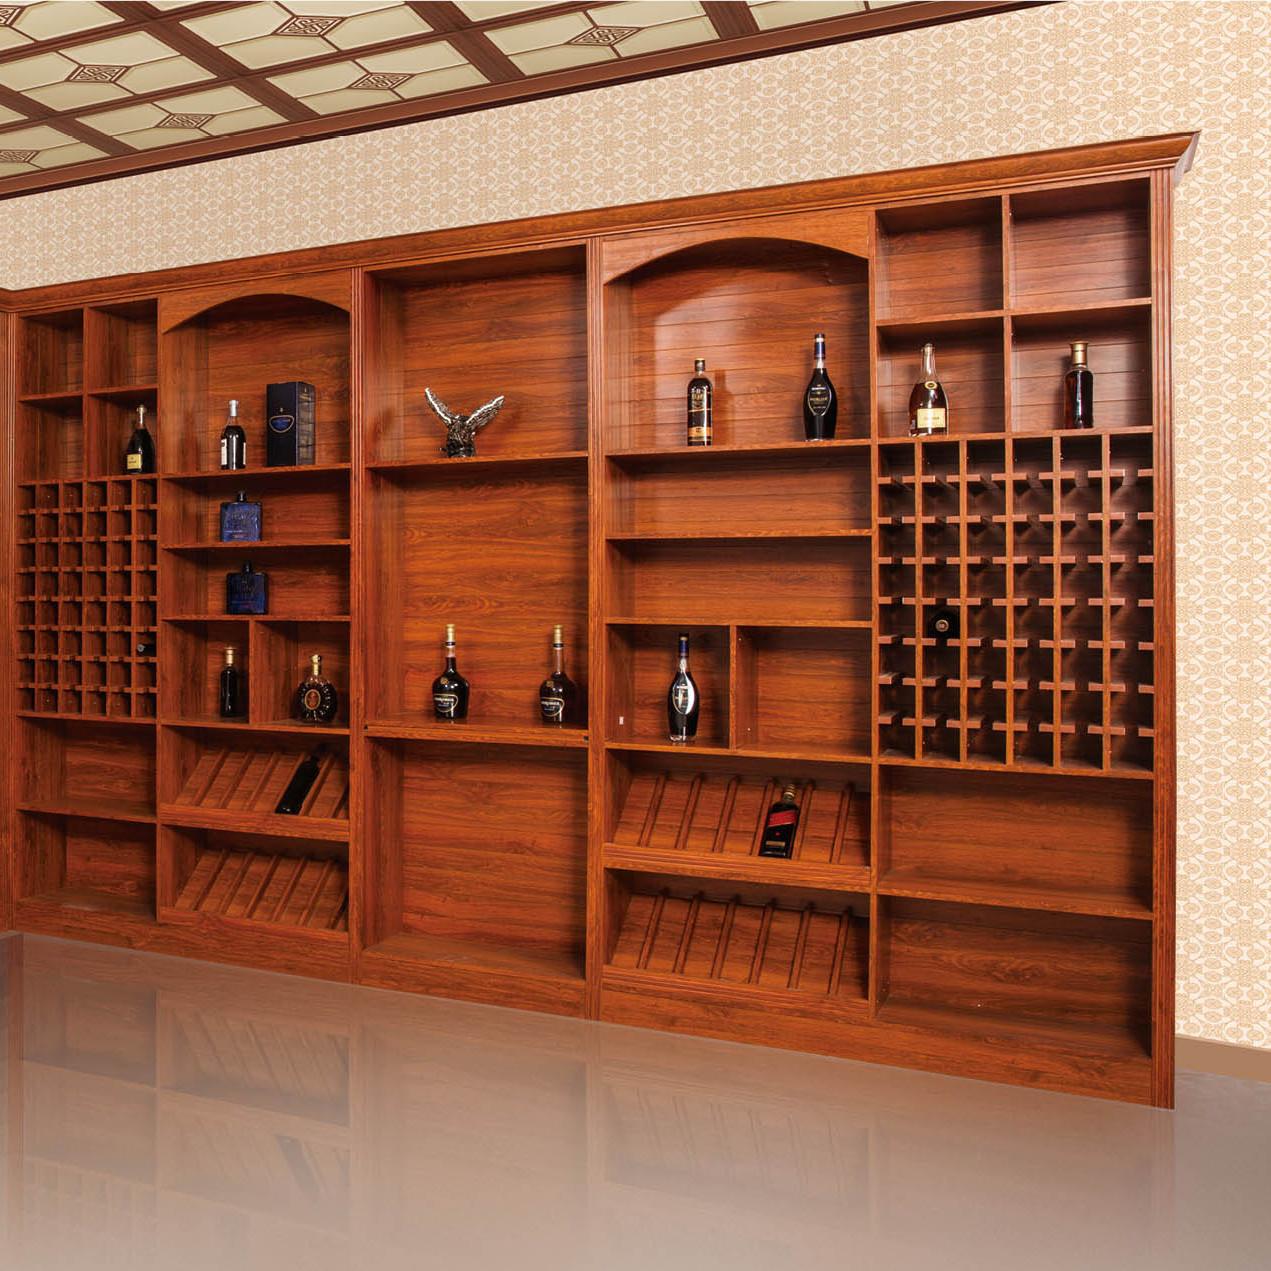 仿木纹复古式铝合金豪华式酒柜 防潮防虫 铝艺置酒架 质量保障